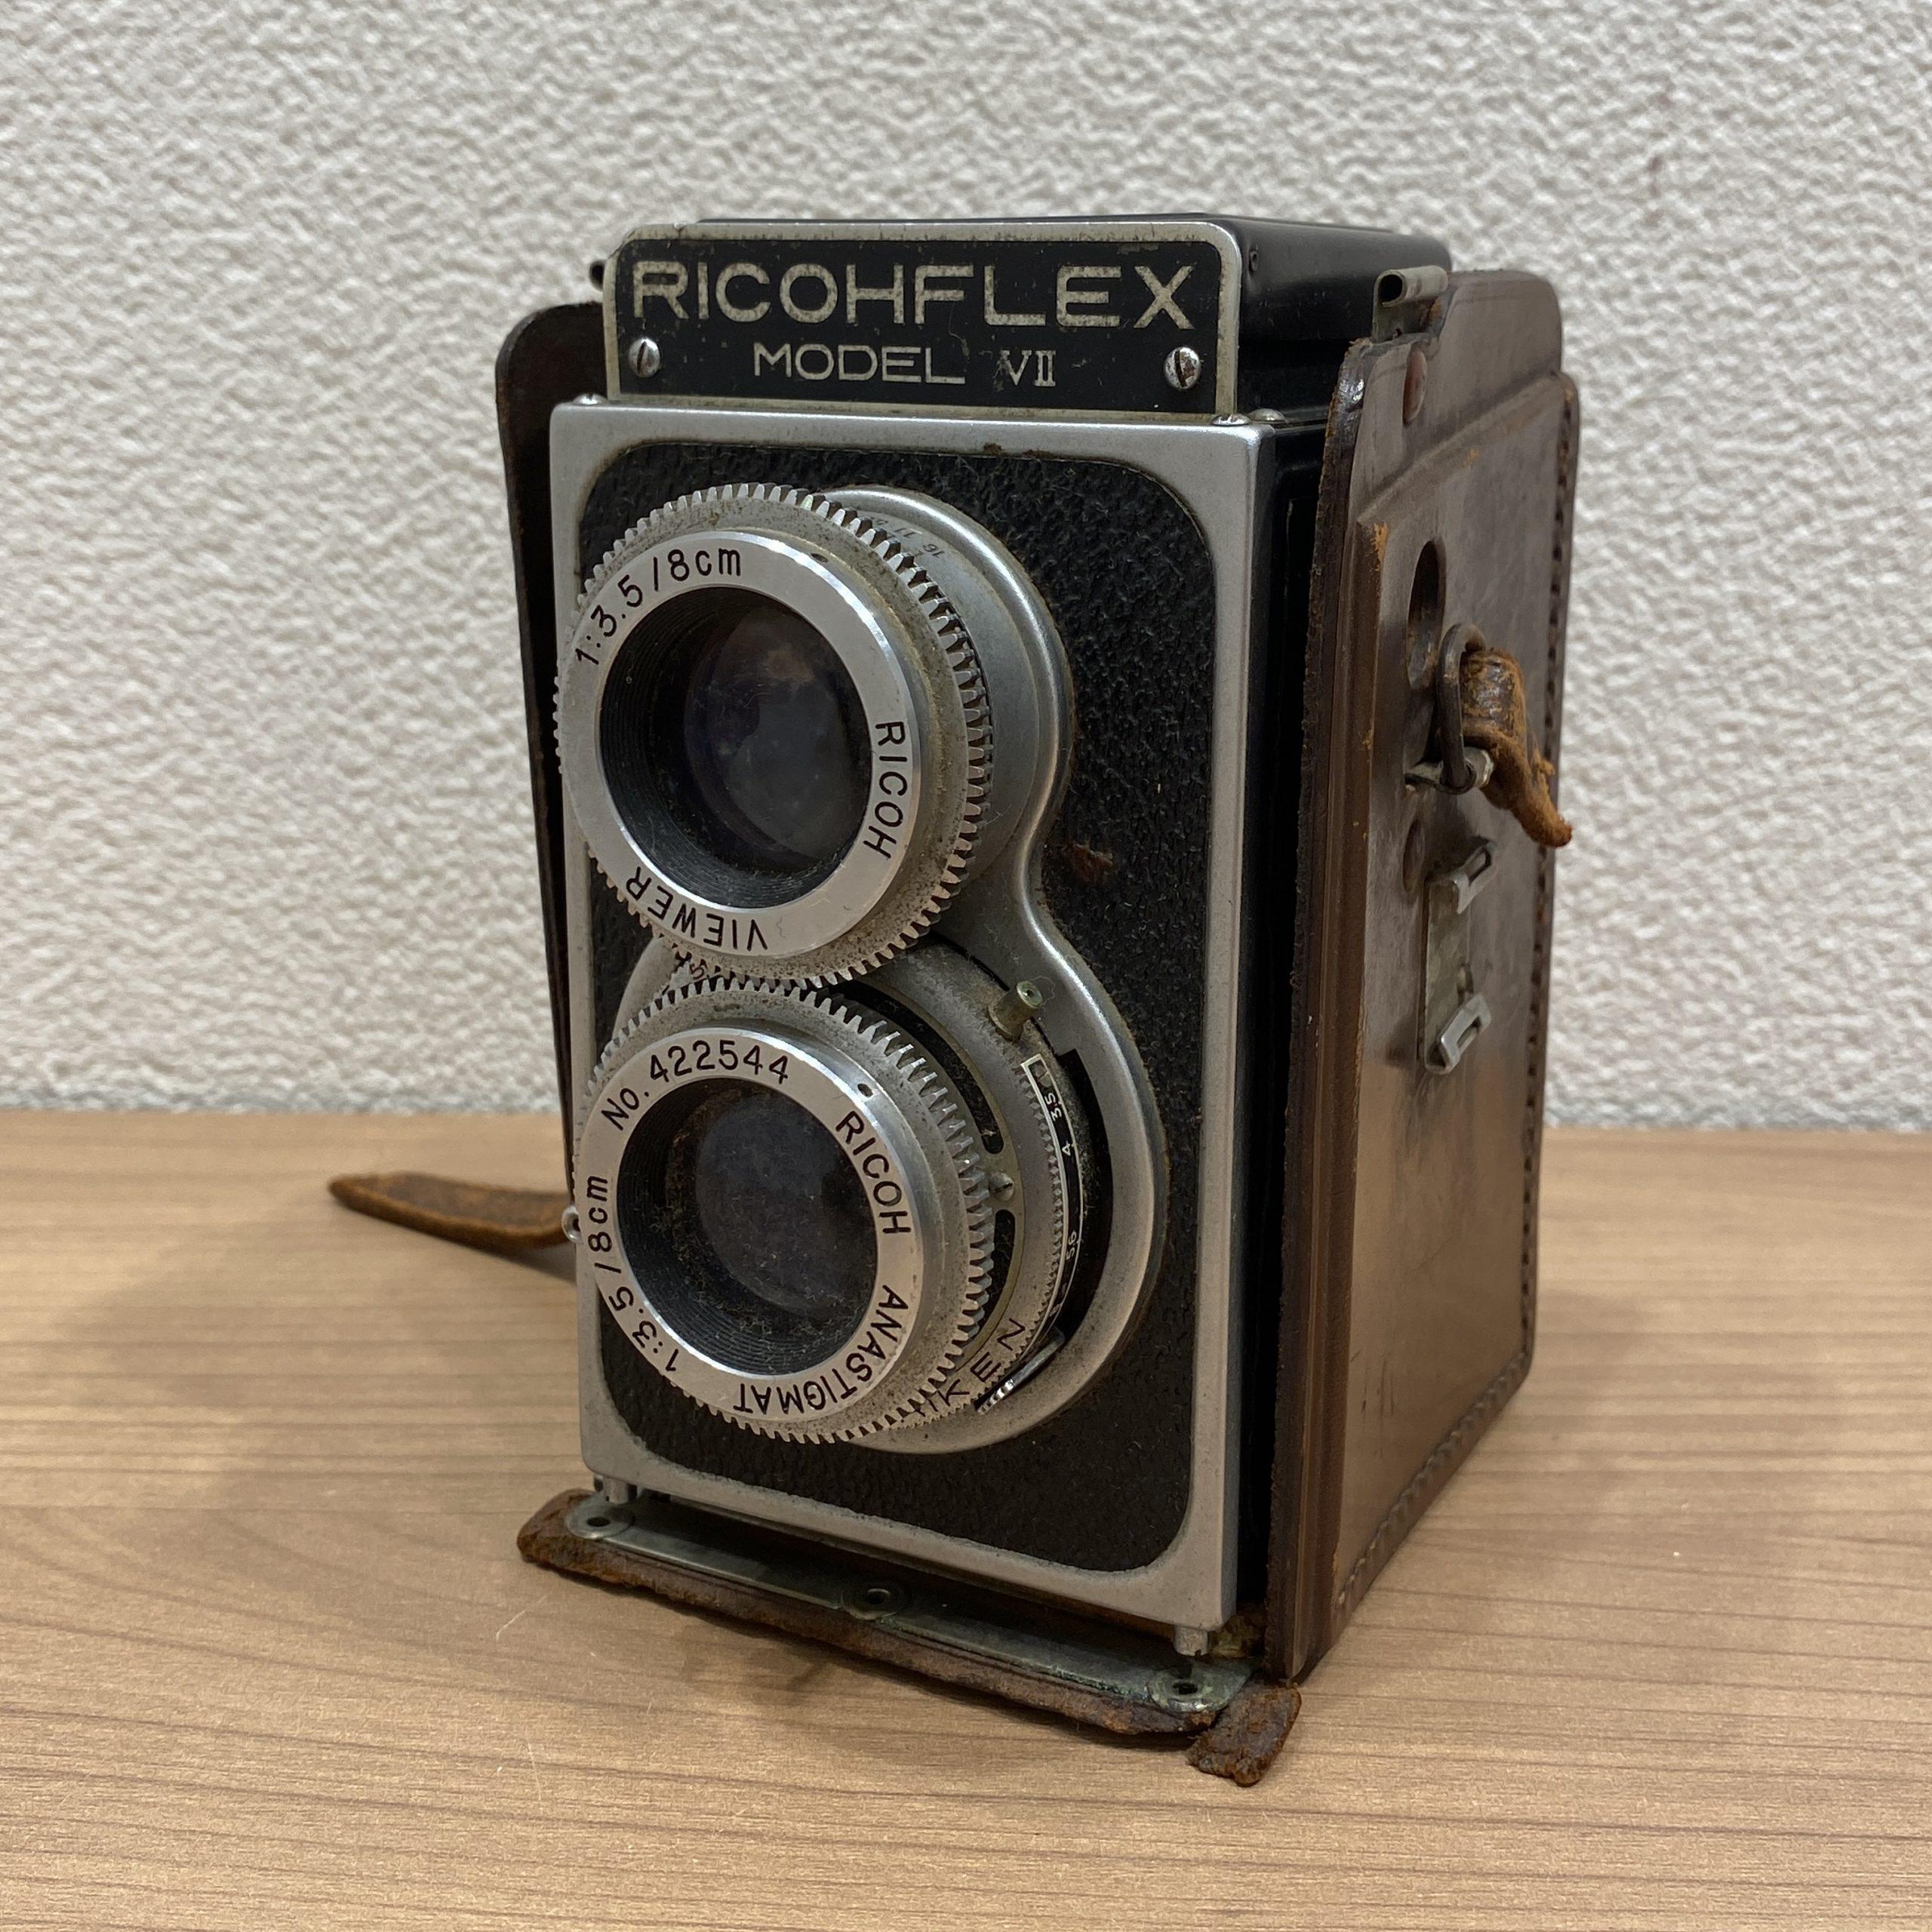 【RICOHFLEX/リコーフレックス】MODEL Ⅶ/モデル7 1:3.5 8cm 2眼レフカメラ